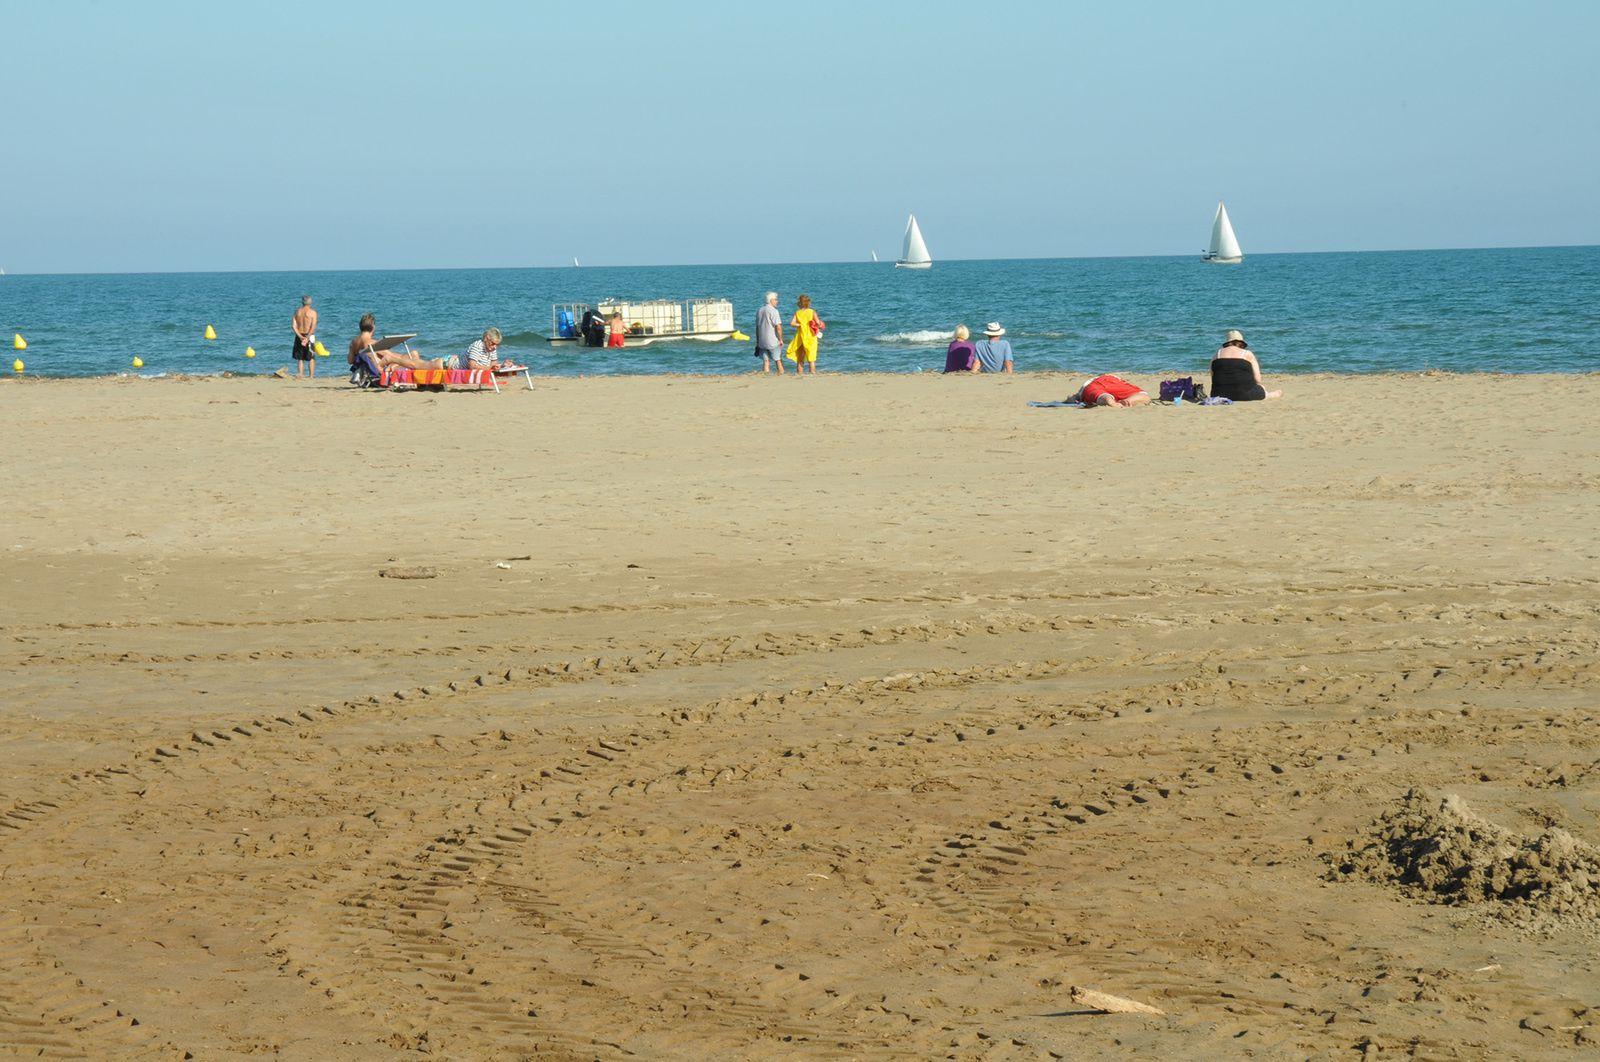 Tronche de vie sur la plage - @bernieshoot